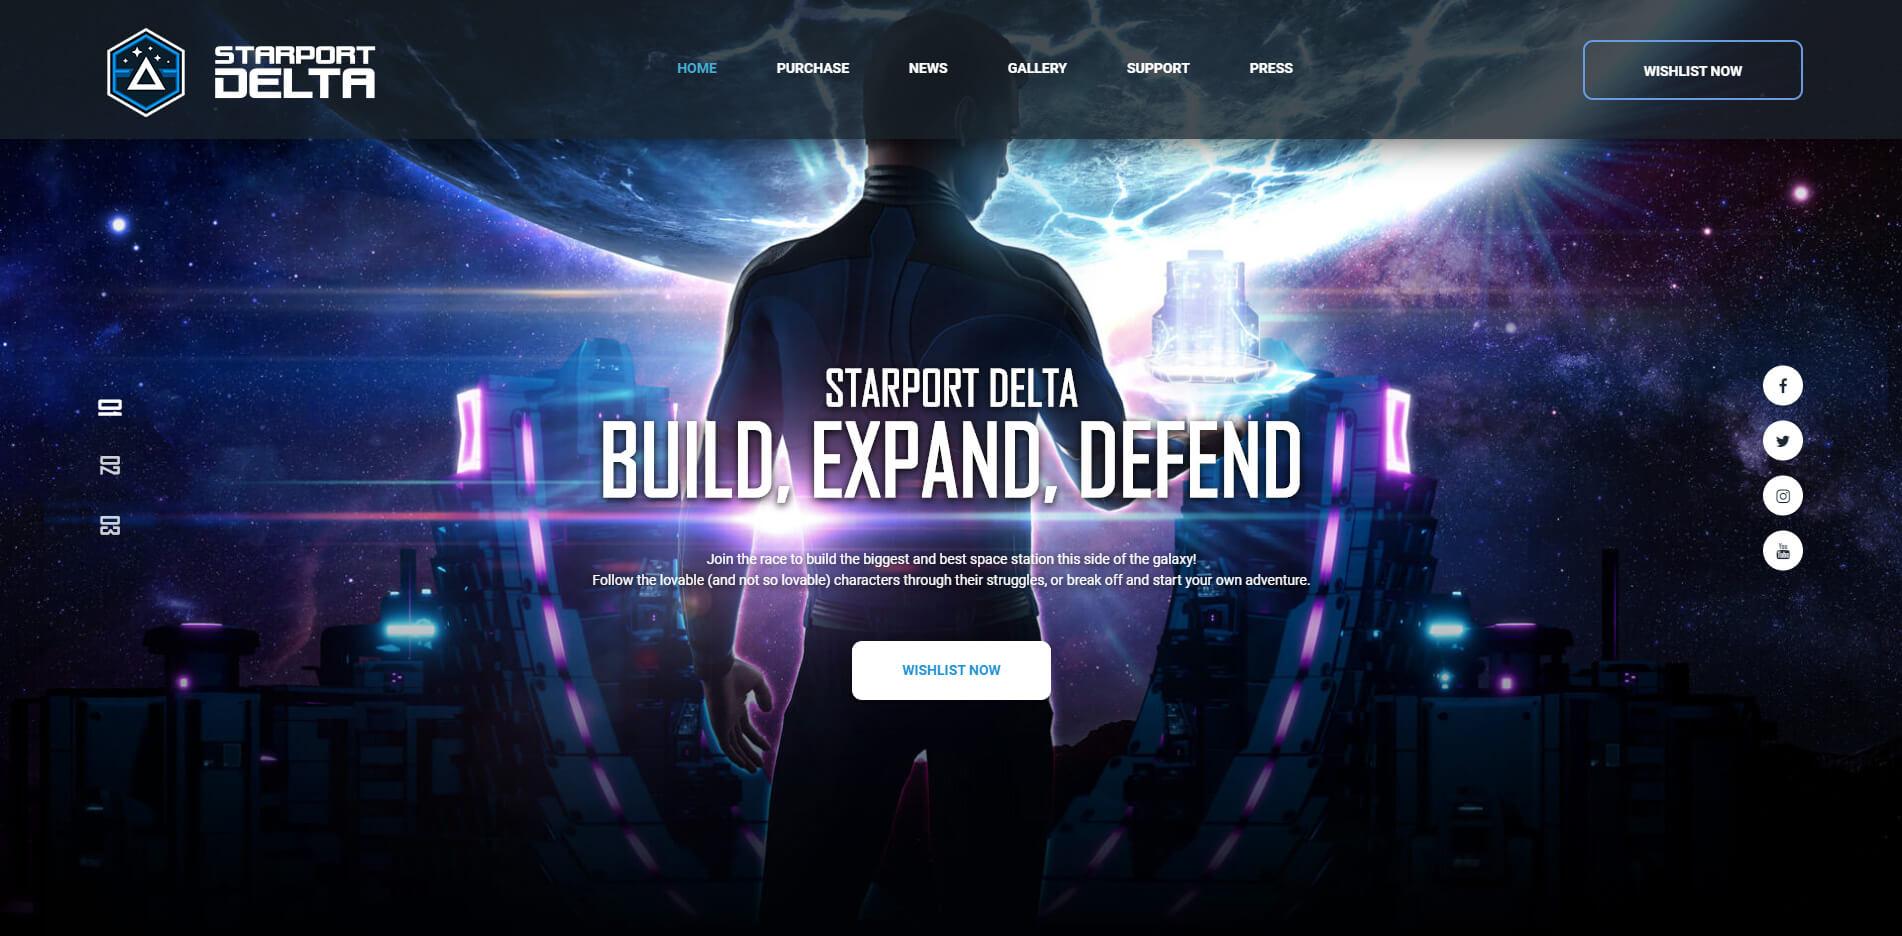 Starport Delta website